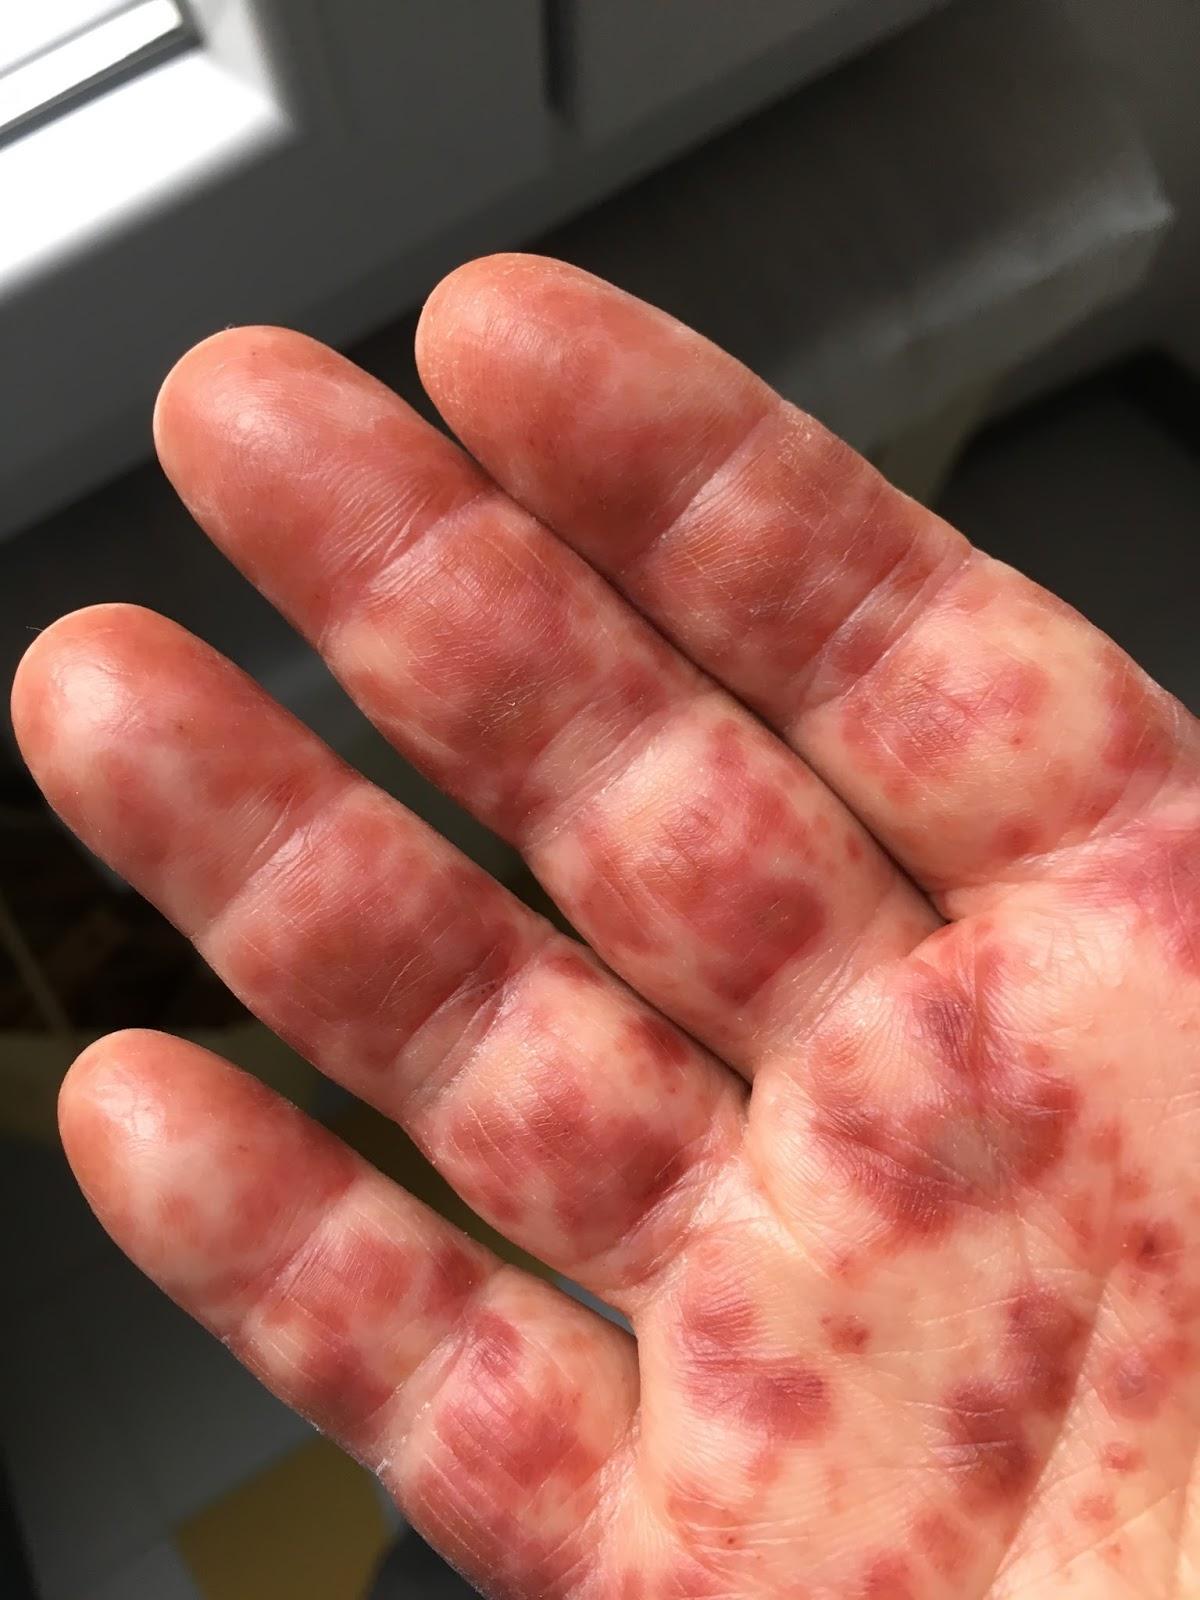 Bocca mani piedi gli adulti manifestano sintomi lievi for Bocca mani piedi si puo fare il bagno